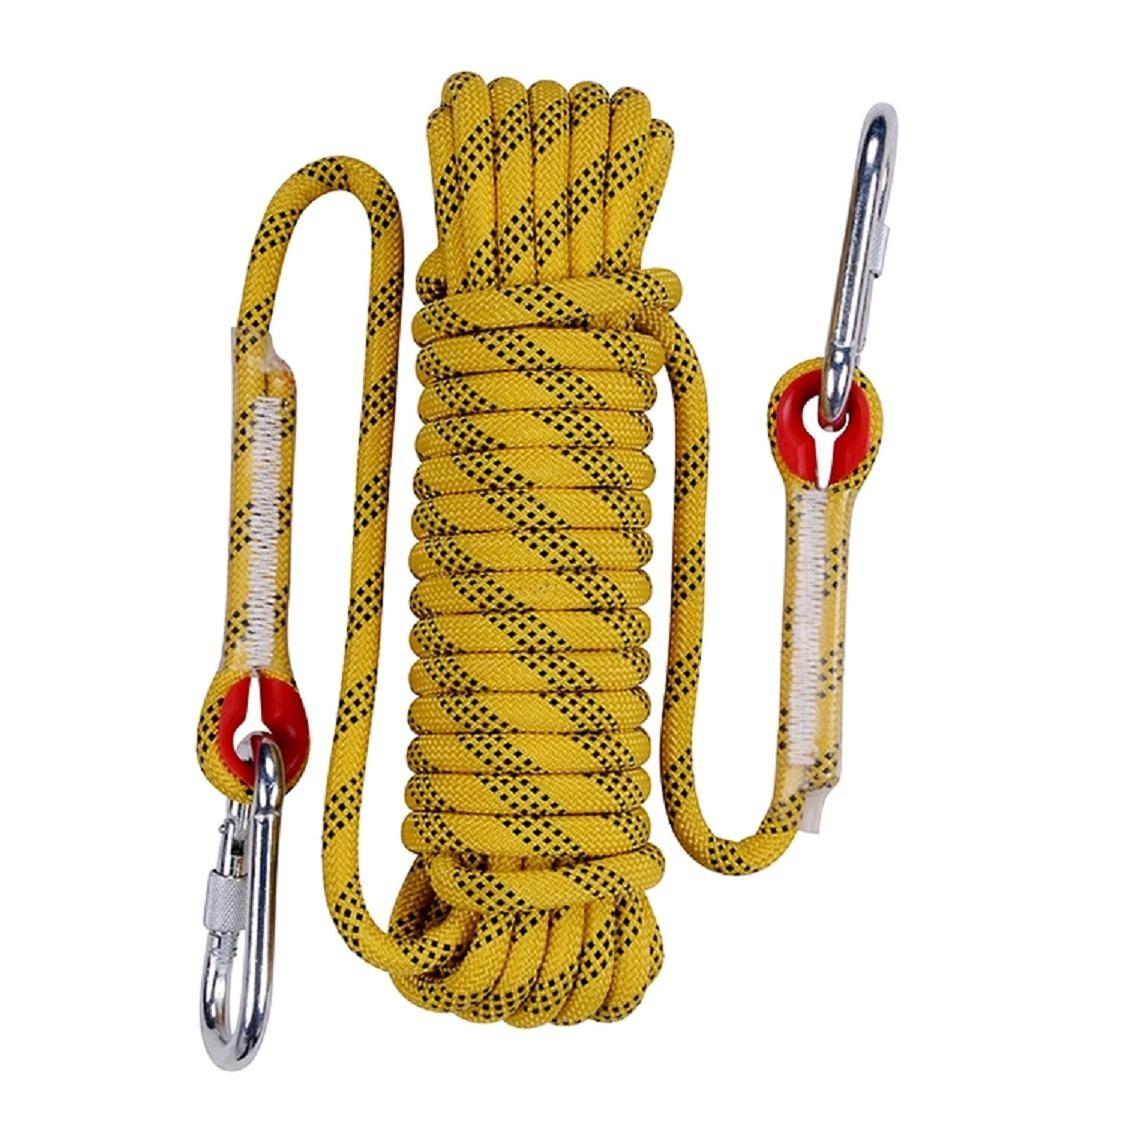 QIANGSHENG 多目的ロープ 太さ: 12mm 長さ: 20m 50m 耐荷重1500㎏ セット アウトドア キャンプ 防災 B0755VMDZM イエロー 20m 20m|イエロー